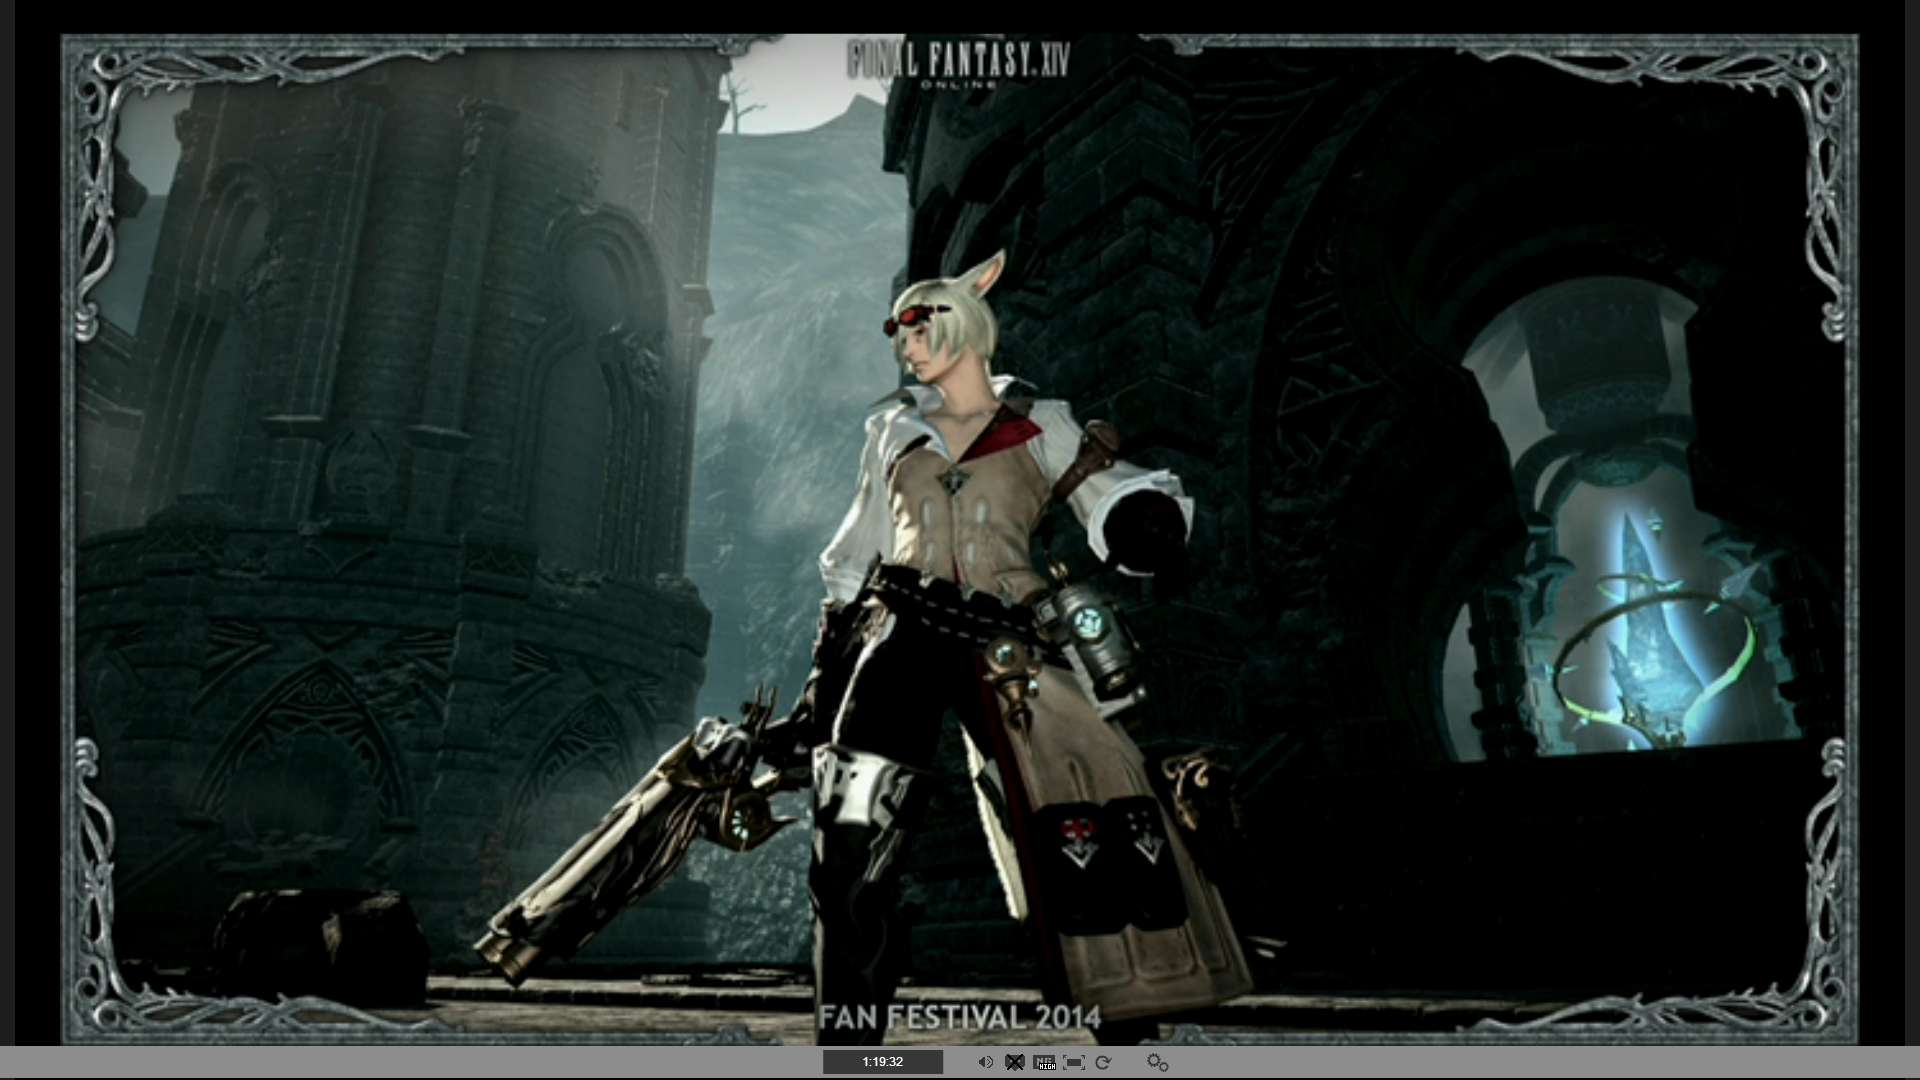 Final Fantasy XIV Details, Bilder, Videos zur Erweiterung Heavensward: Neue Rassen und Jobs